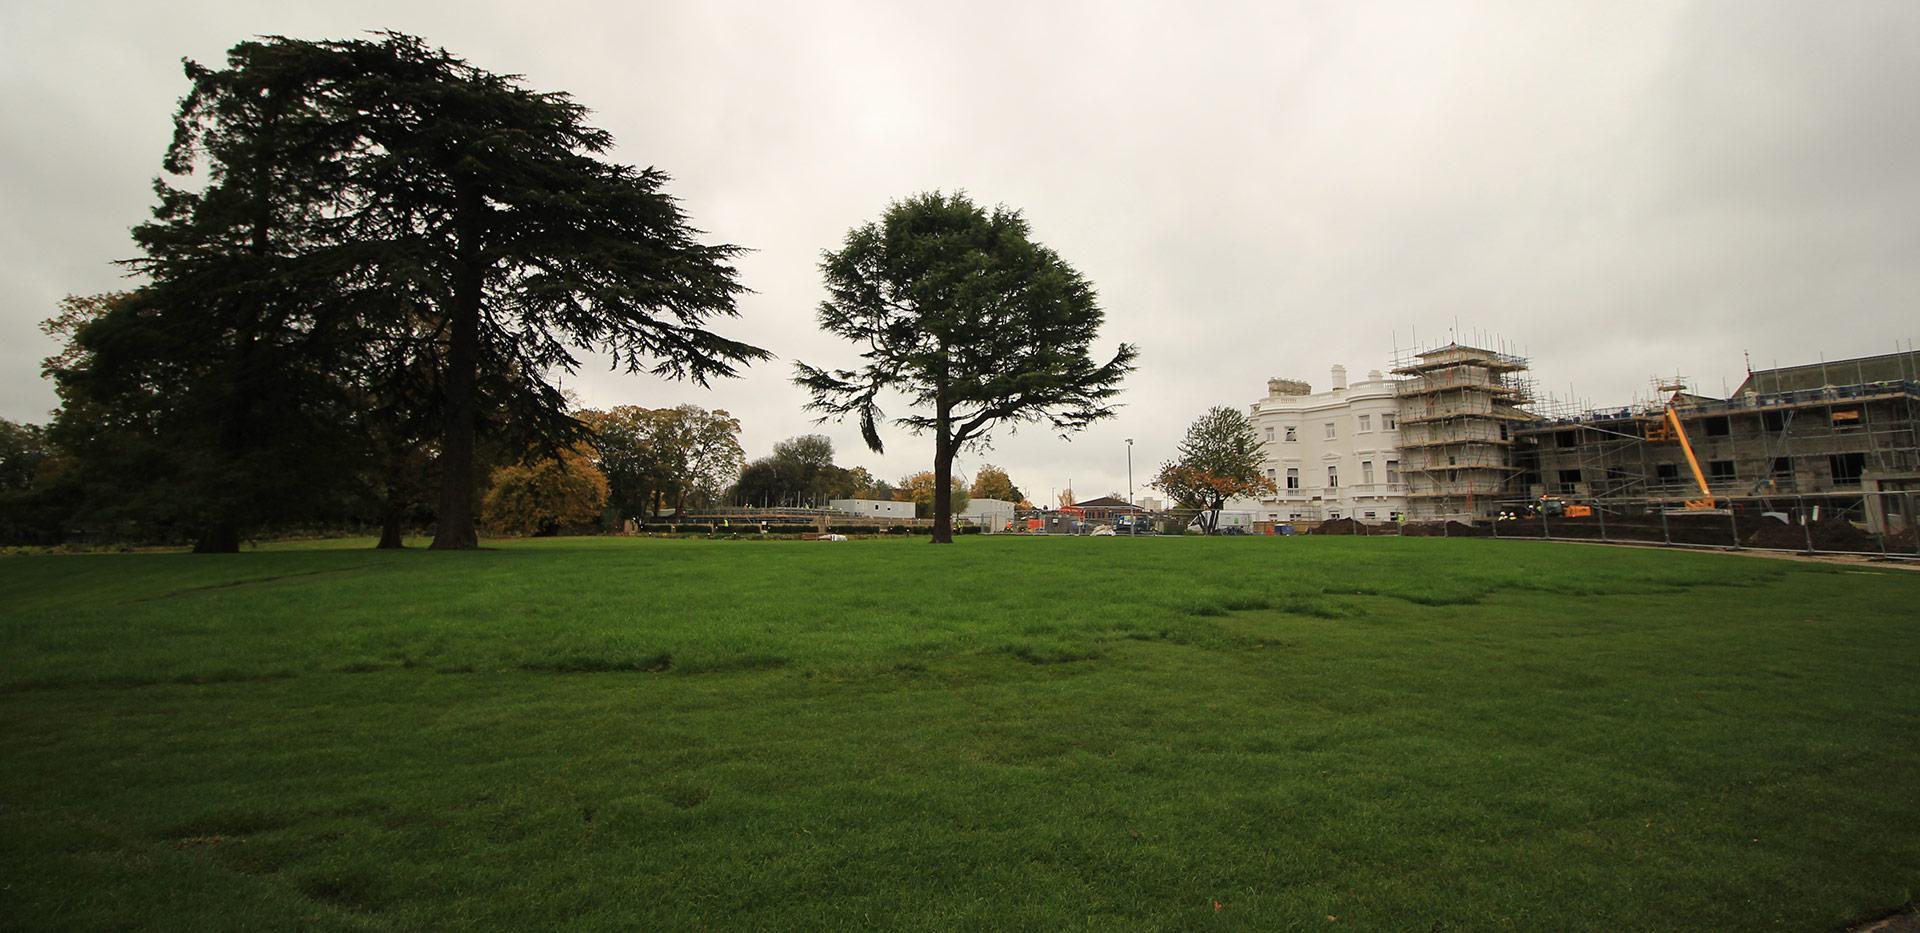 St James, Fitzroy Gate, Park, Dusk, Exterior